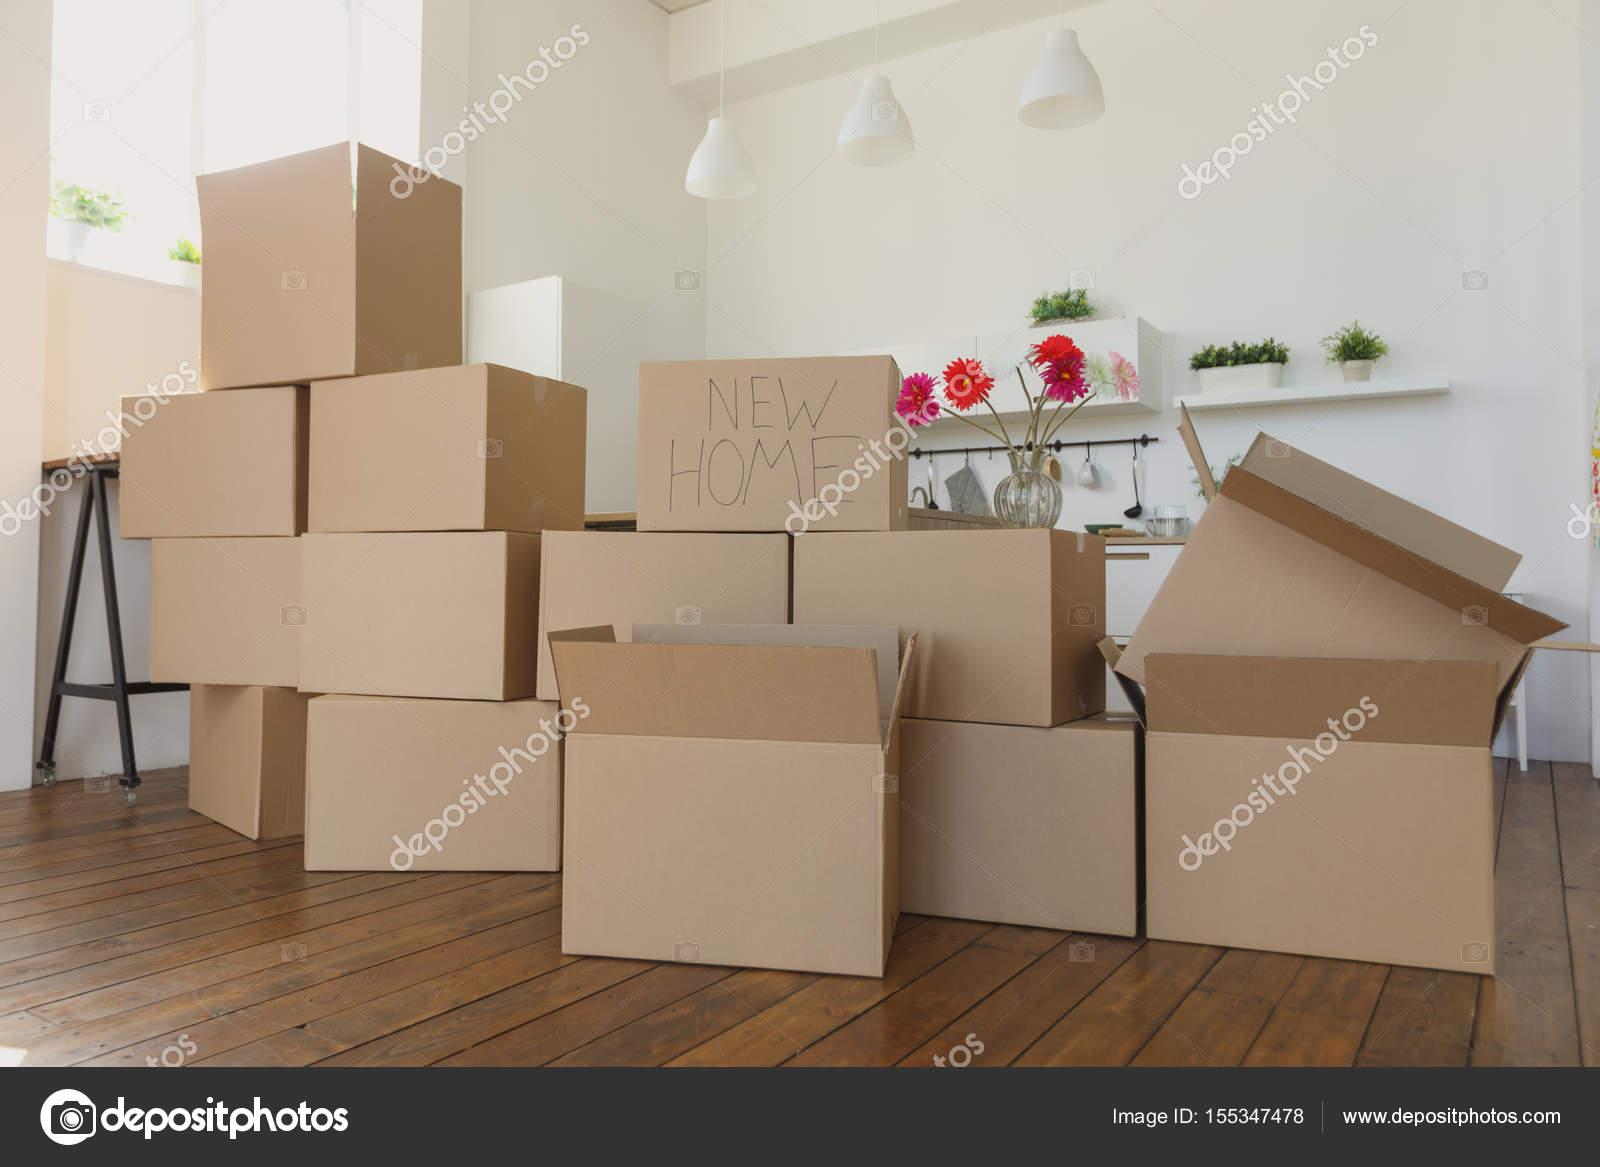 Boxen im neuen Zuhause Auspacken und die Dinge entfernt in Küche ...